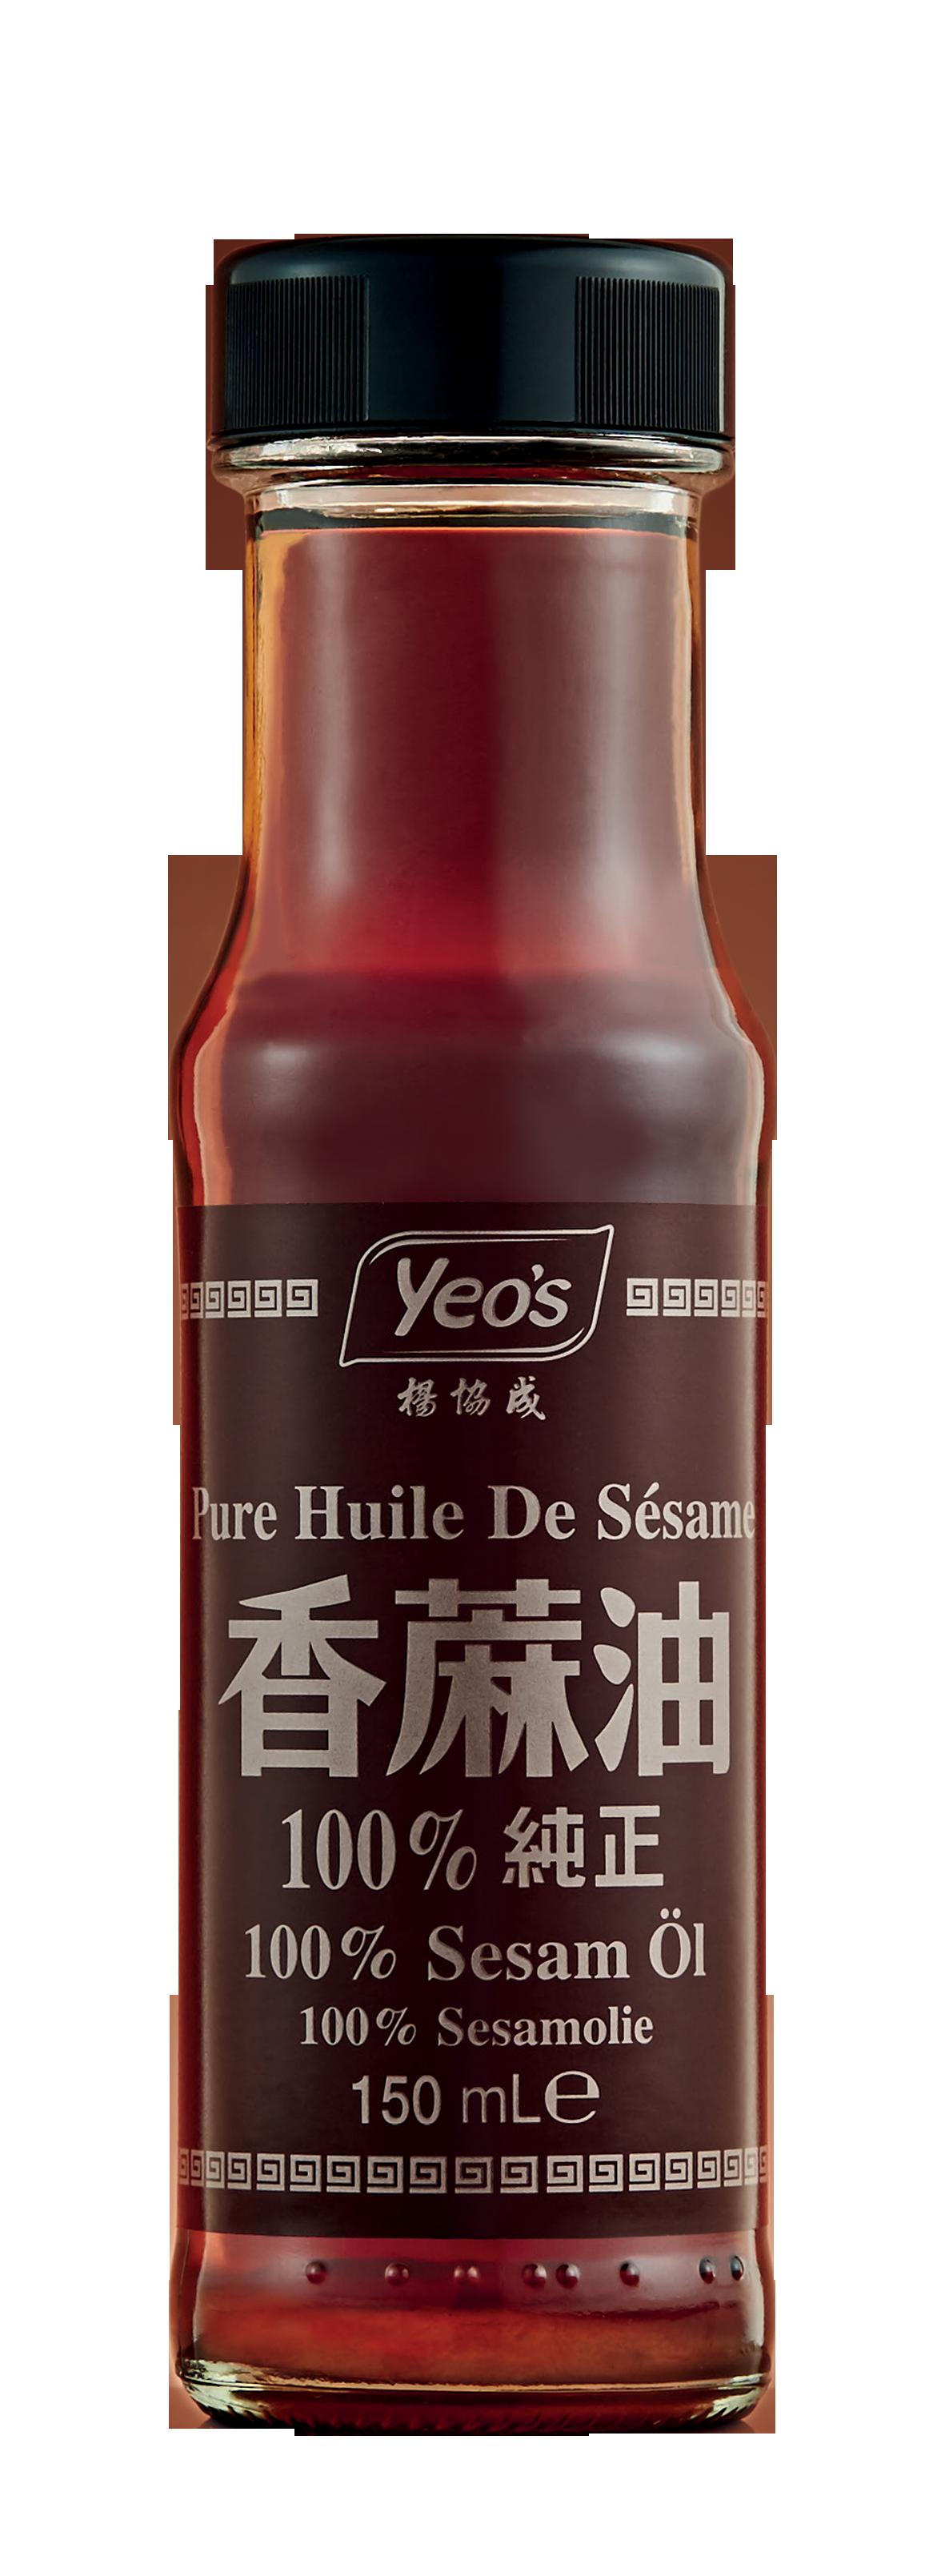 Huile de sésame, Yeo's (15 cl)